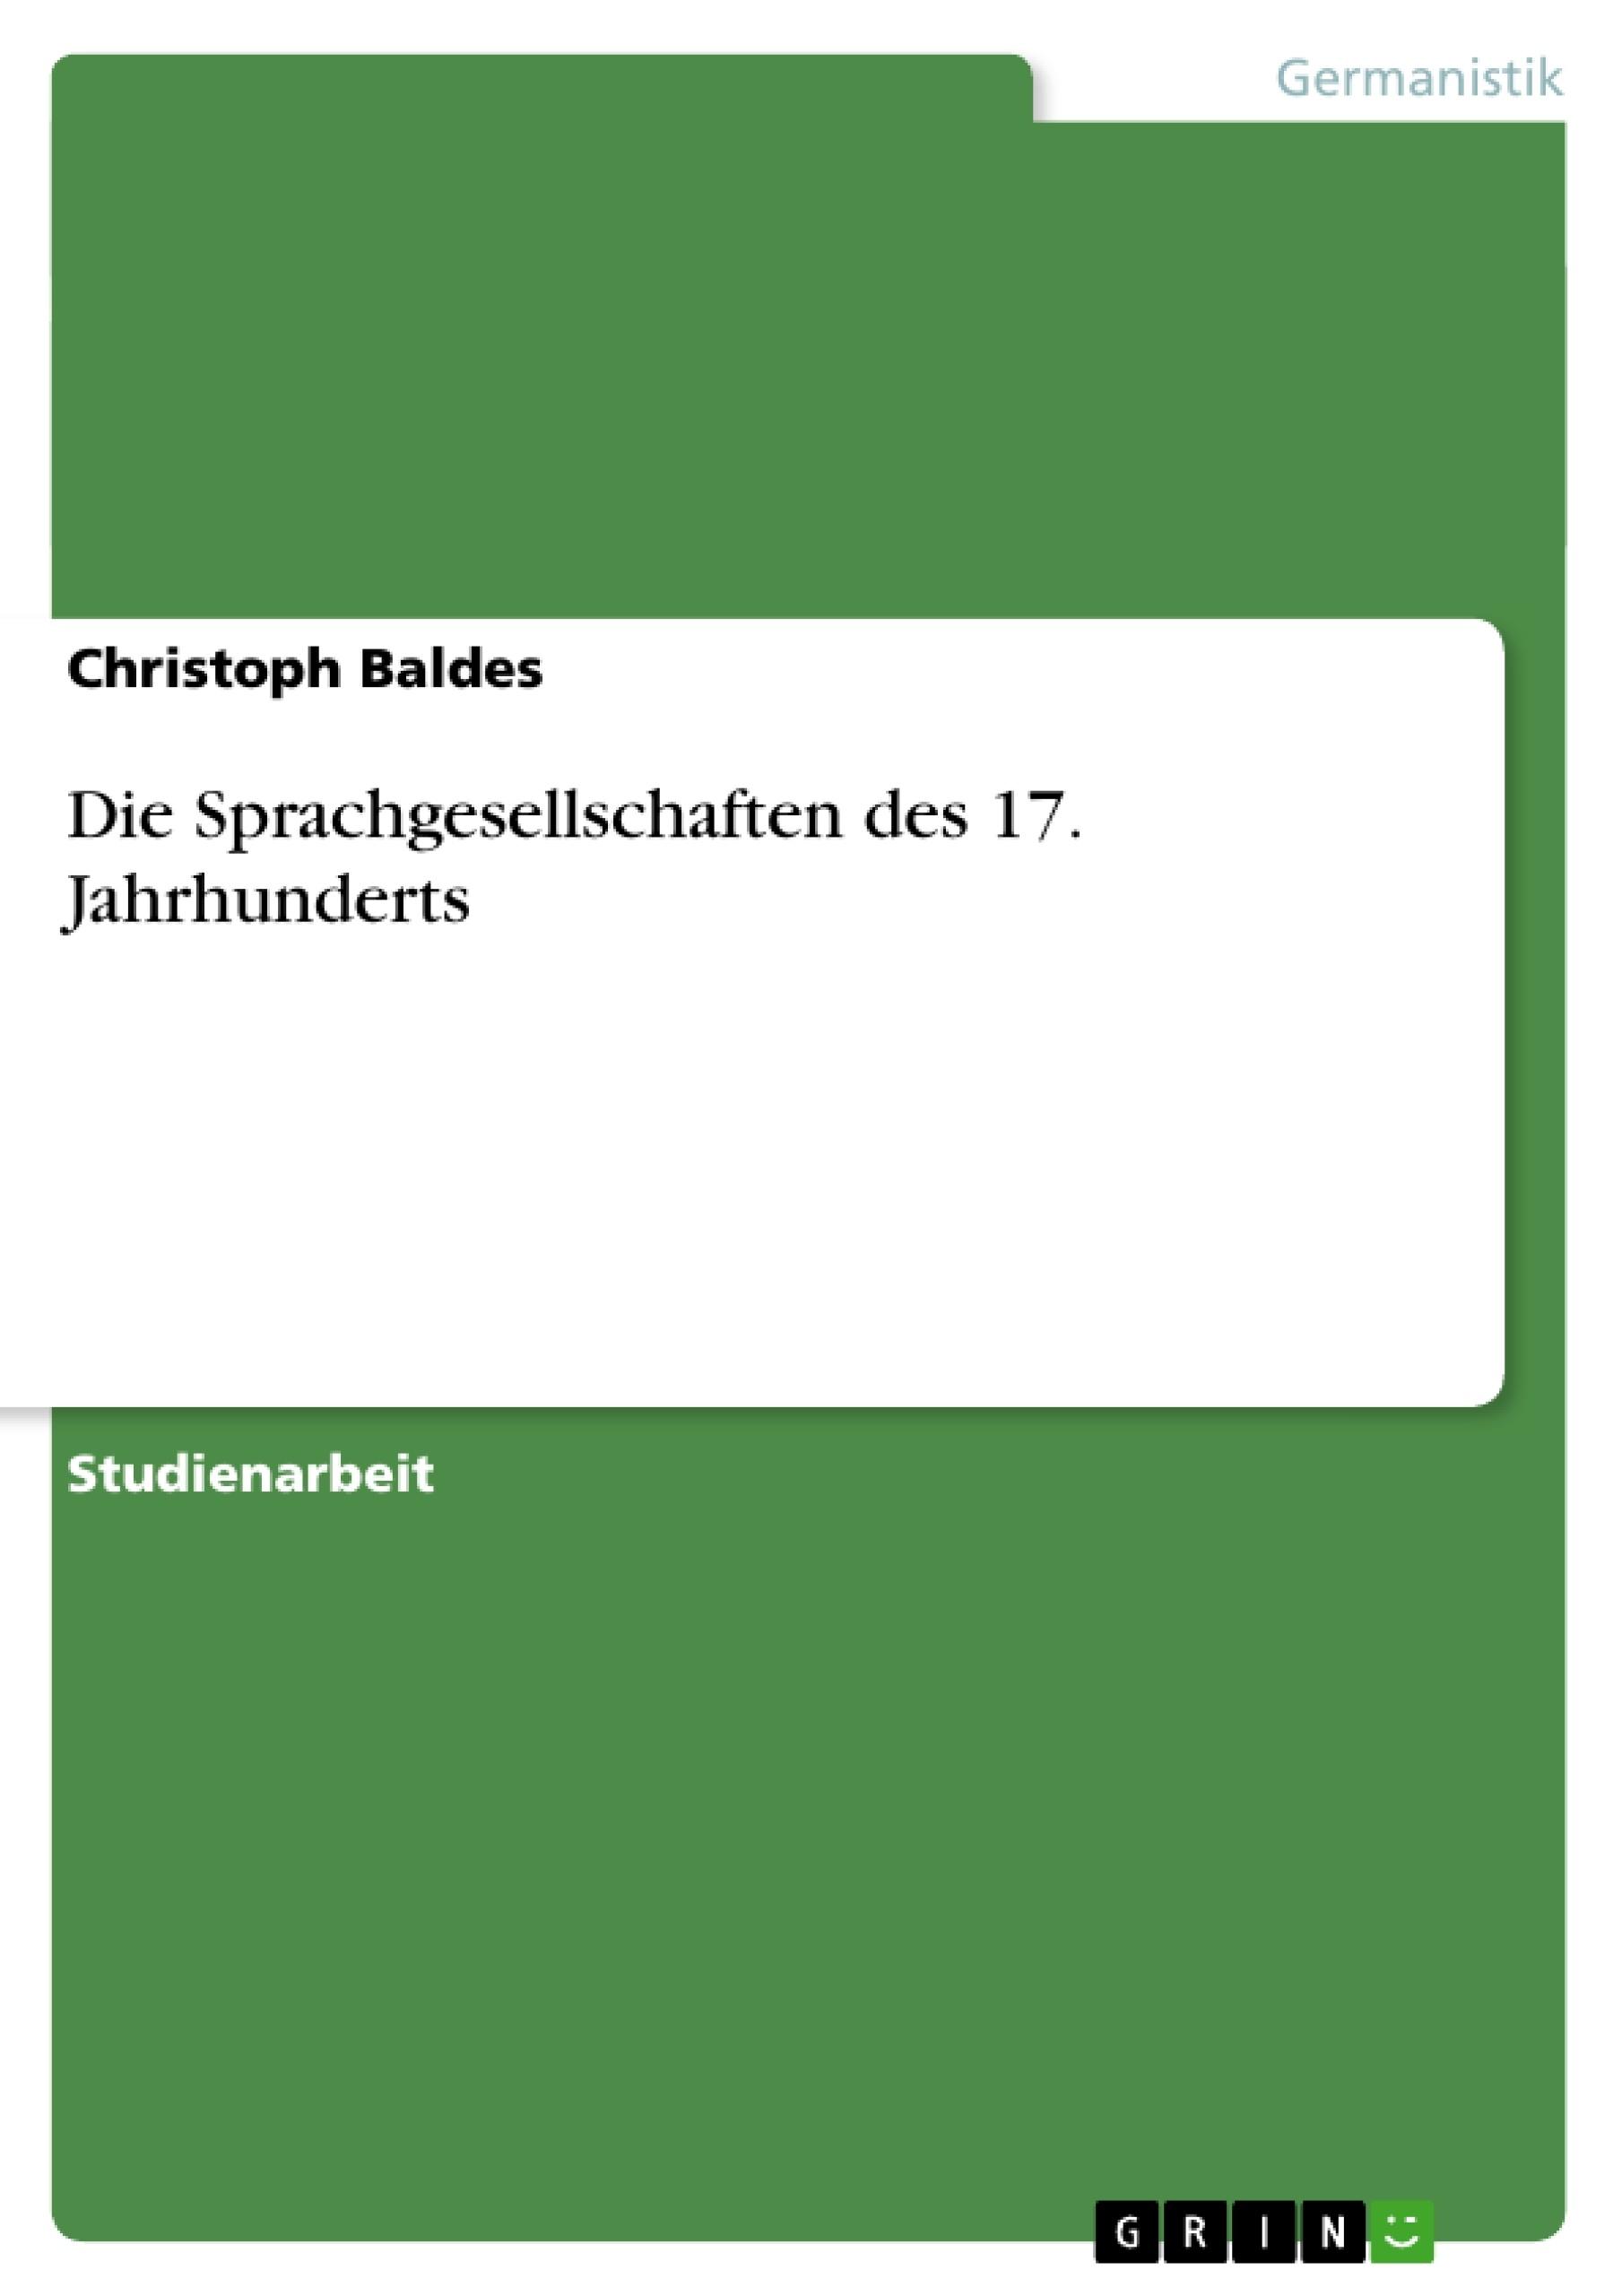 Titel: Die Sprachgesellschaften des 17. Jahrhunderts